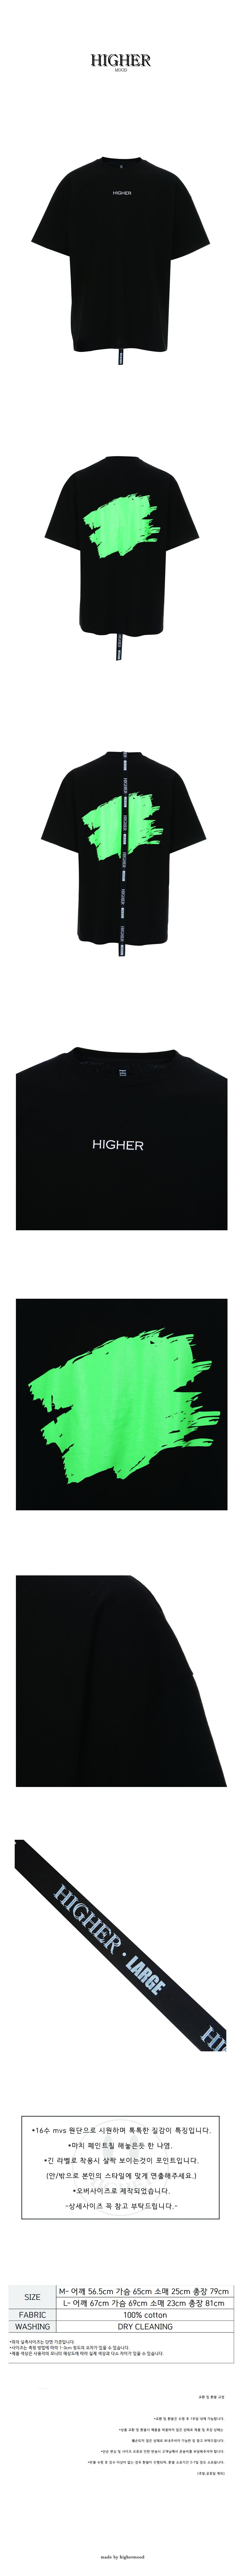 페인트그린반팔.jpg